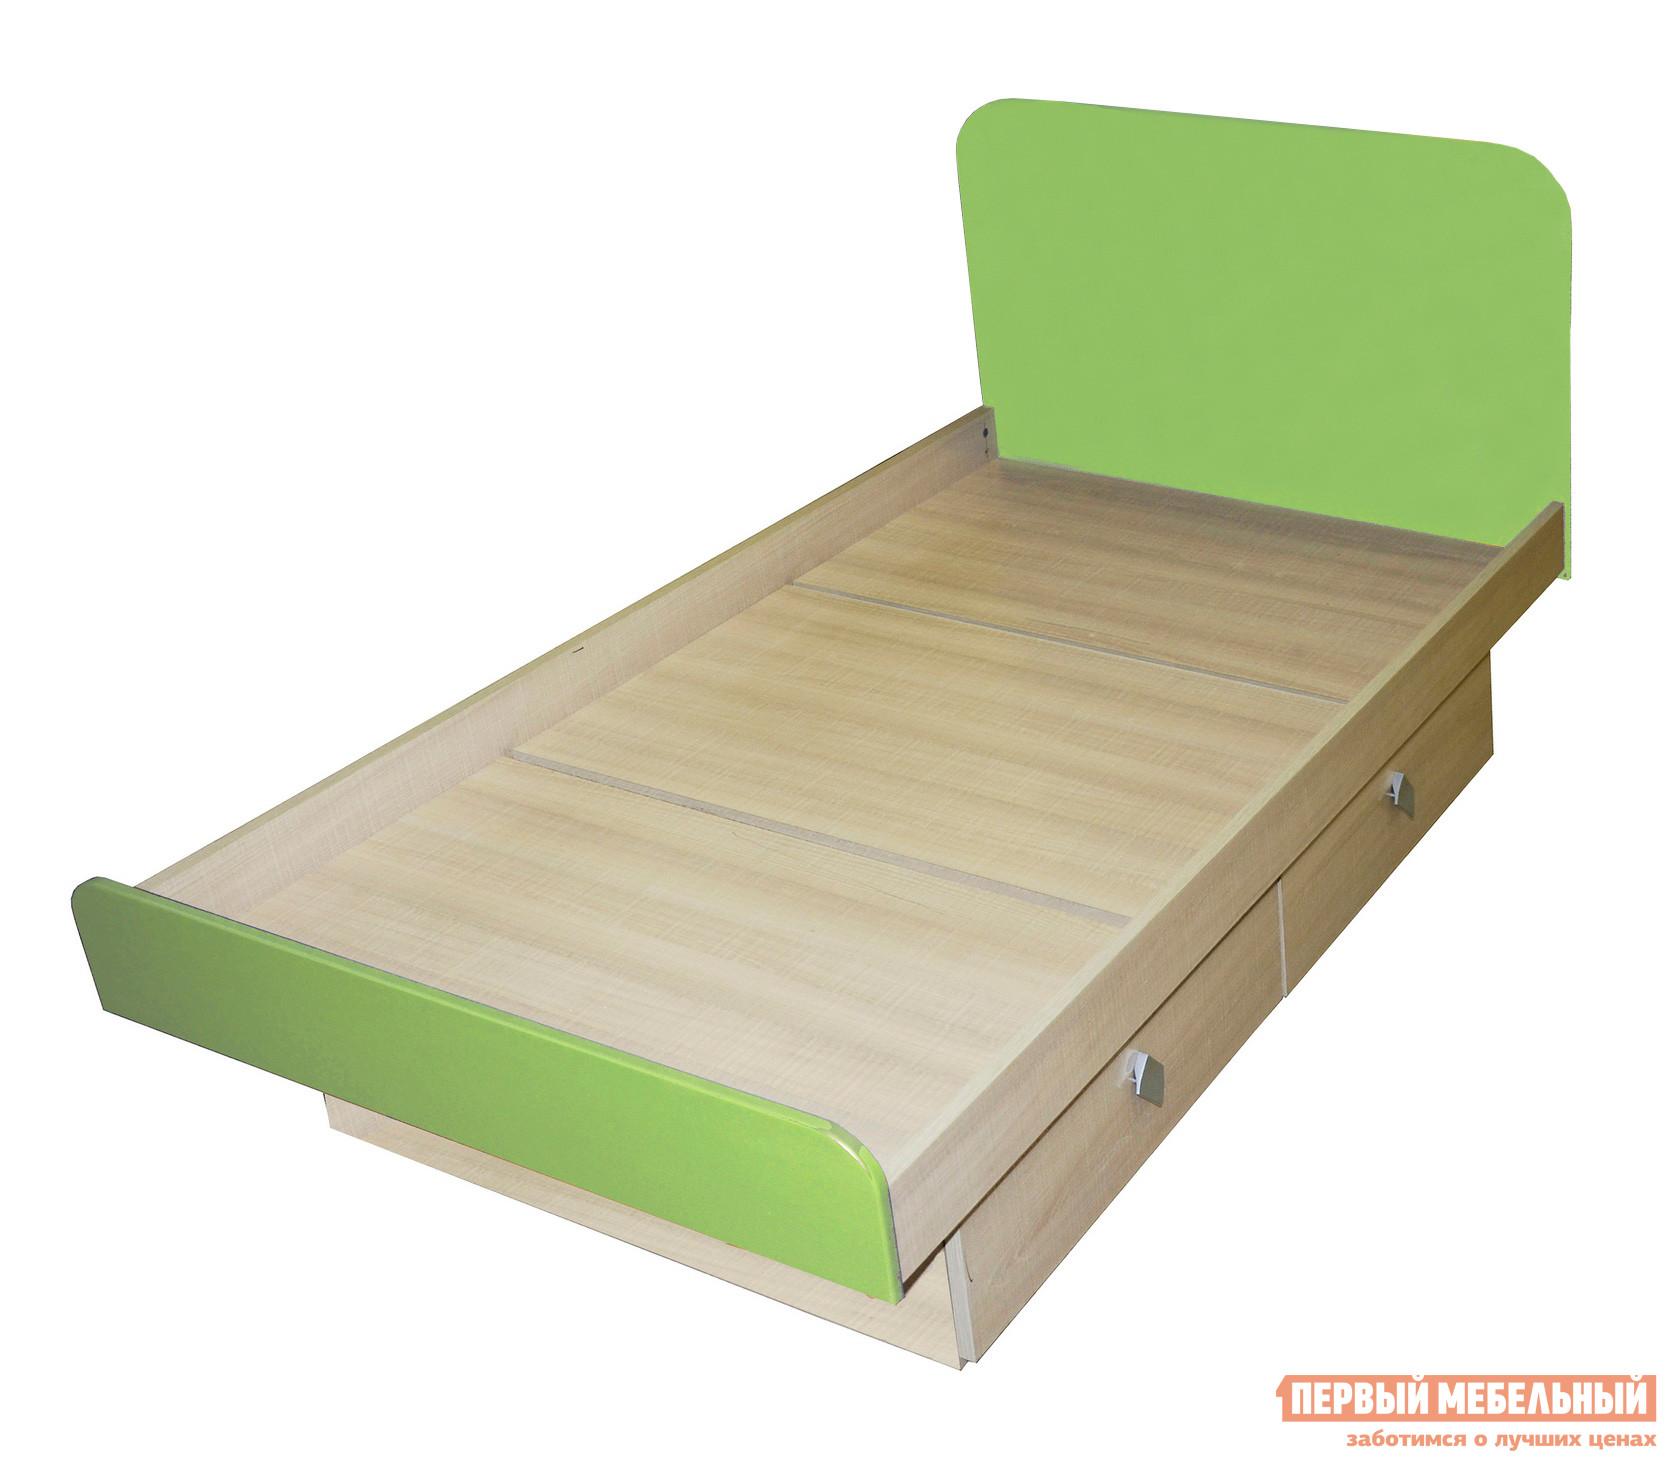 Детская кровать МО РОСТ Жили-были Мадейра / Зеленый глянец, Без матраса